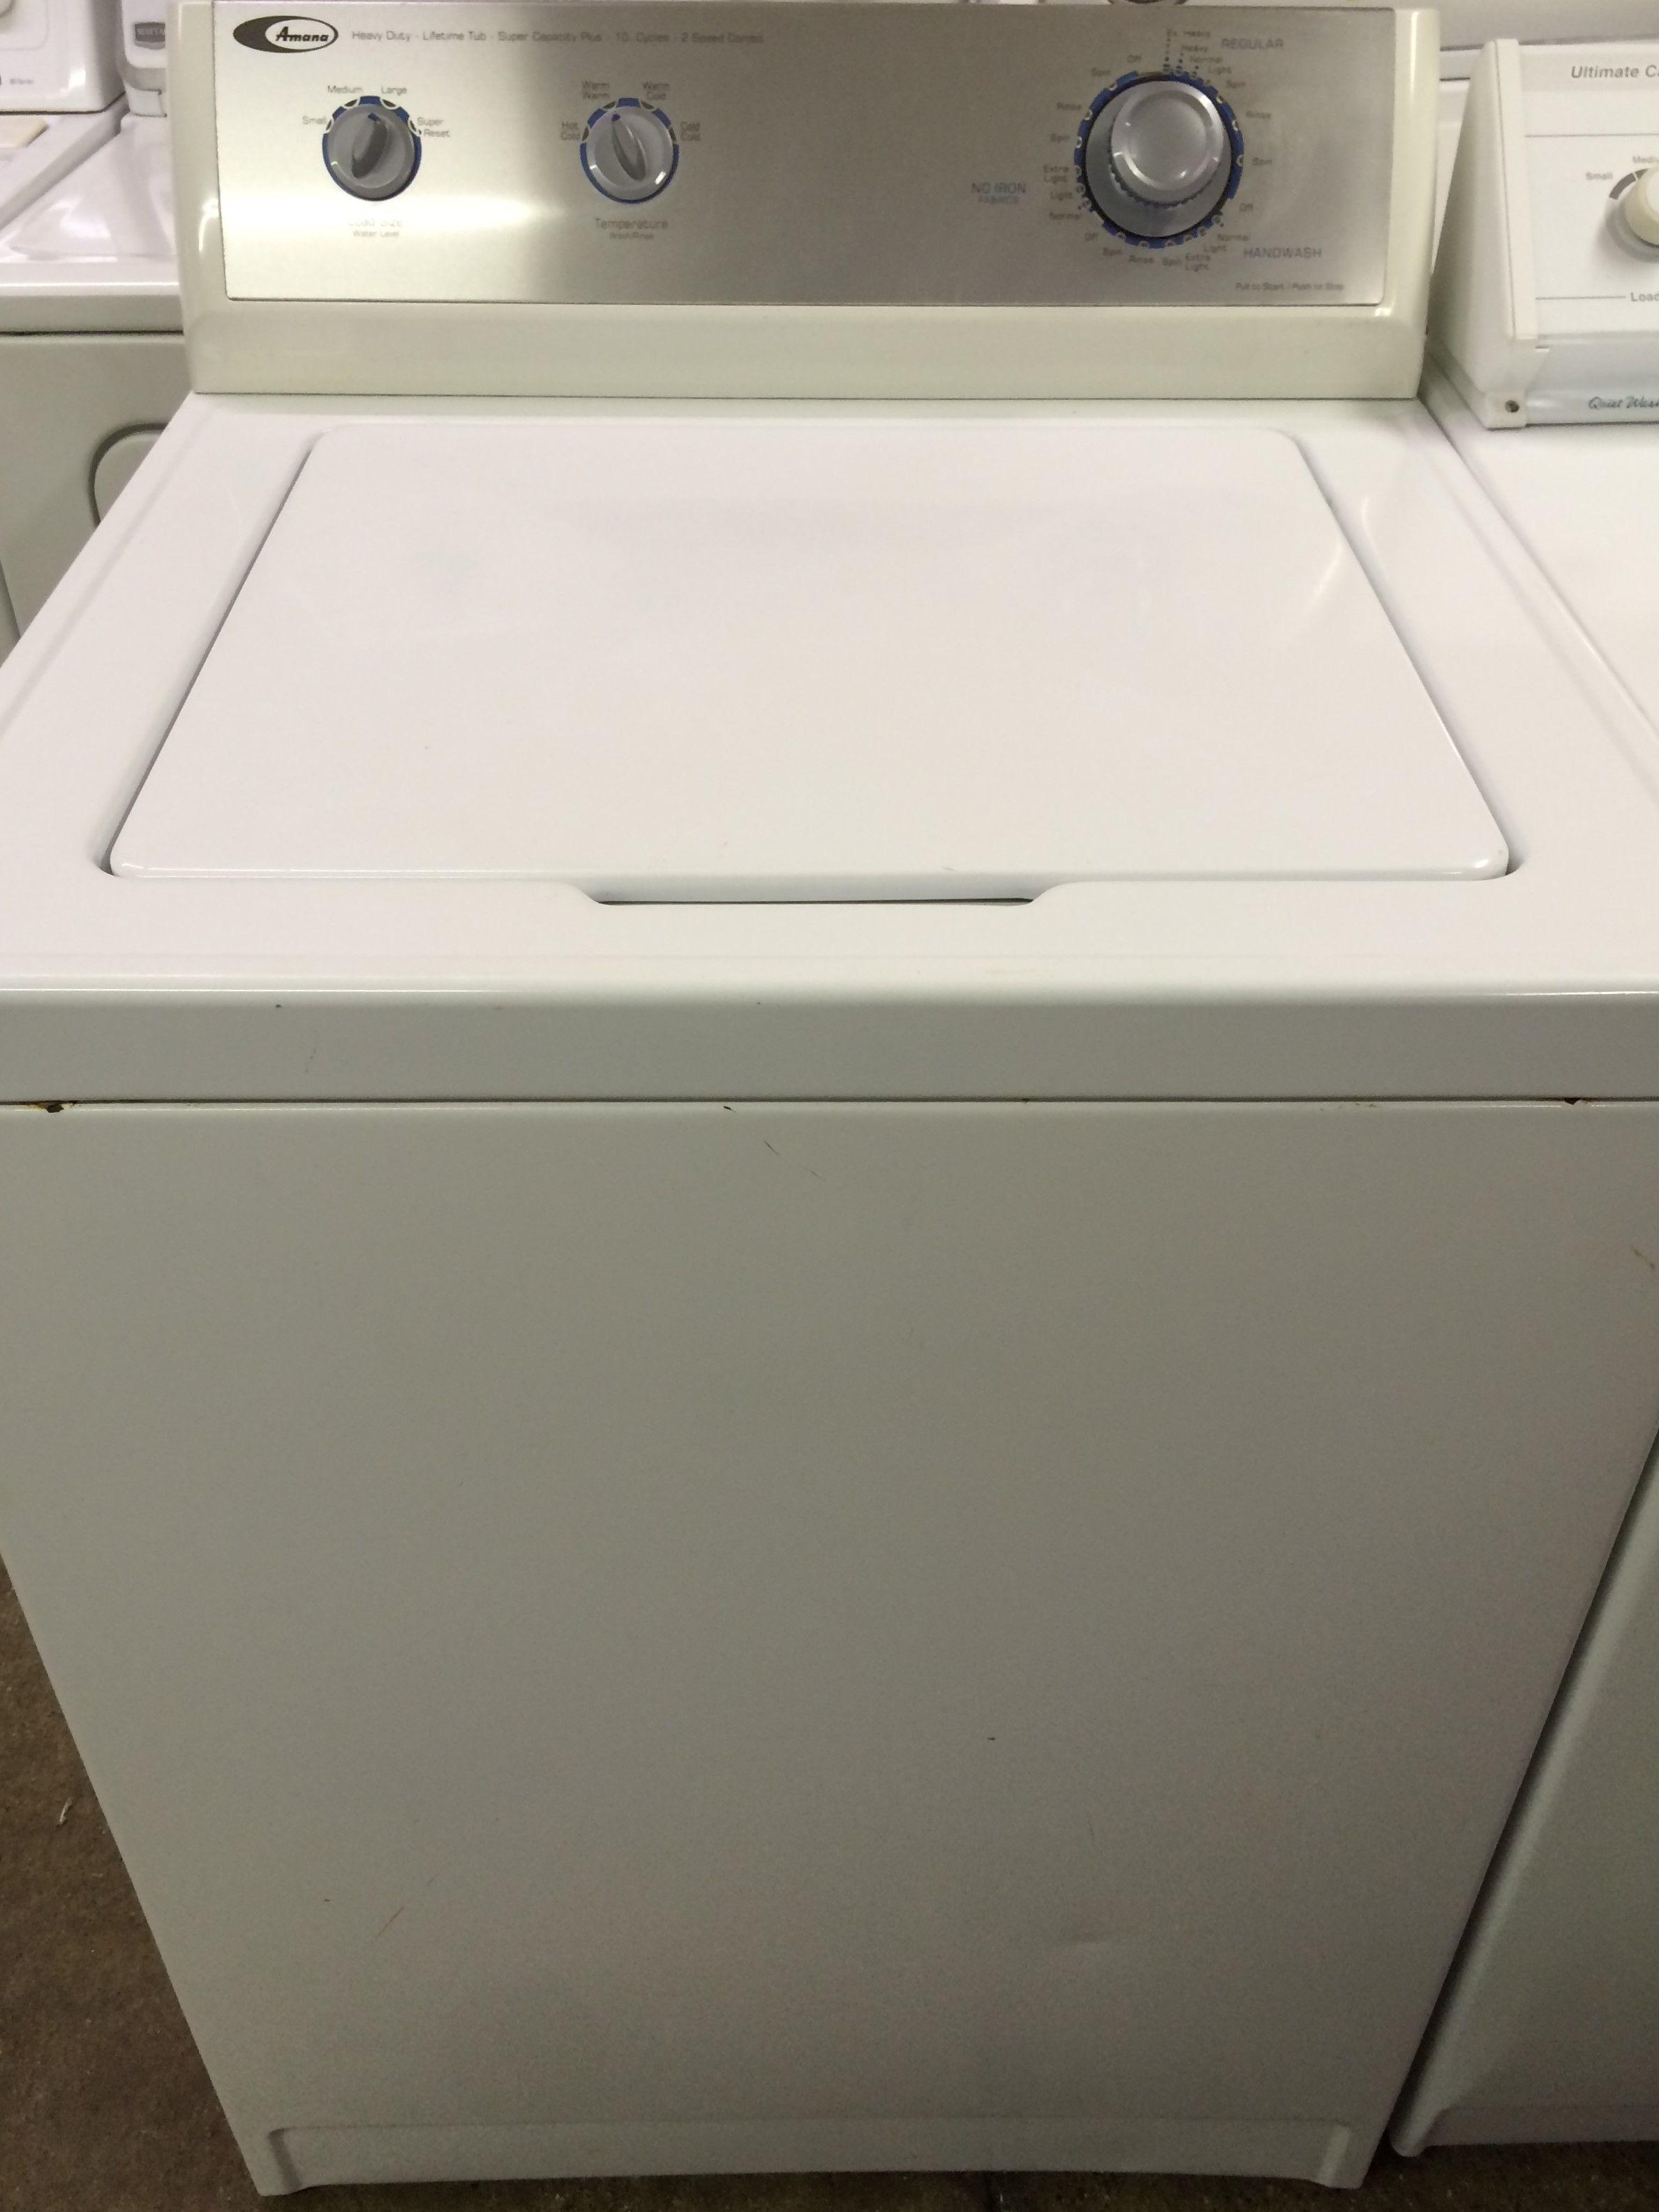 Amana Topload Washer 299 Large Tub Capacity Washers